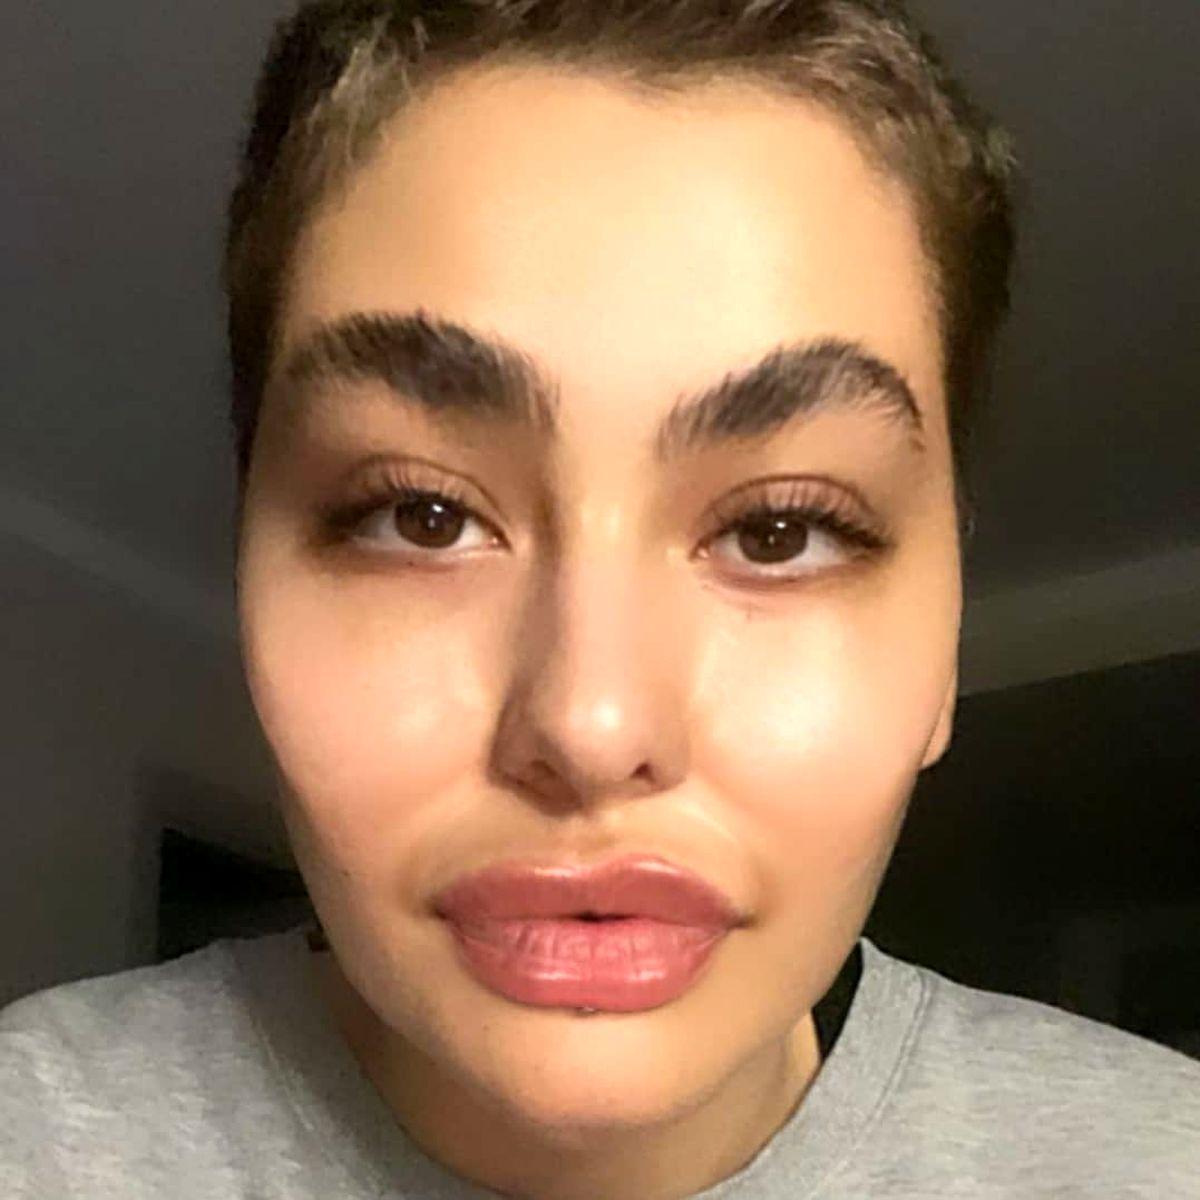 چهره جدید و وحشتناک ریحانه پارسا +عکس